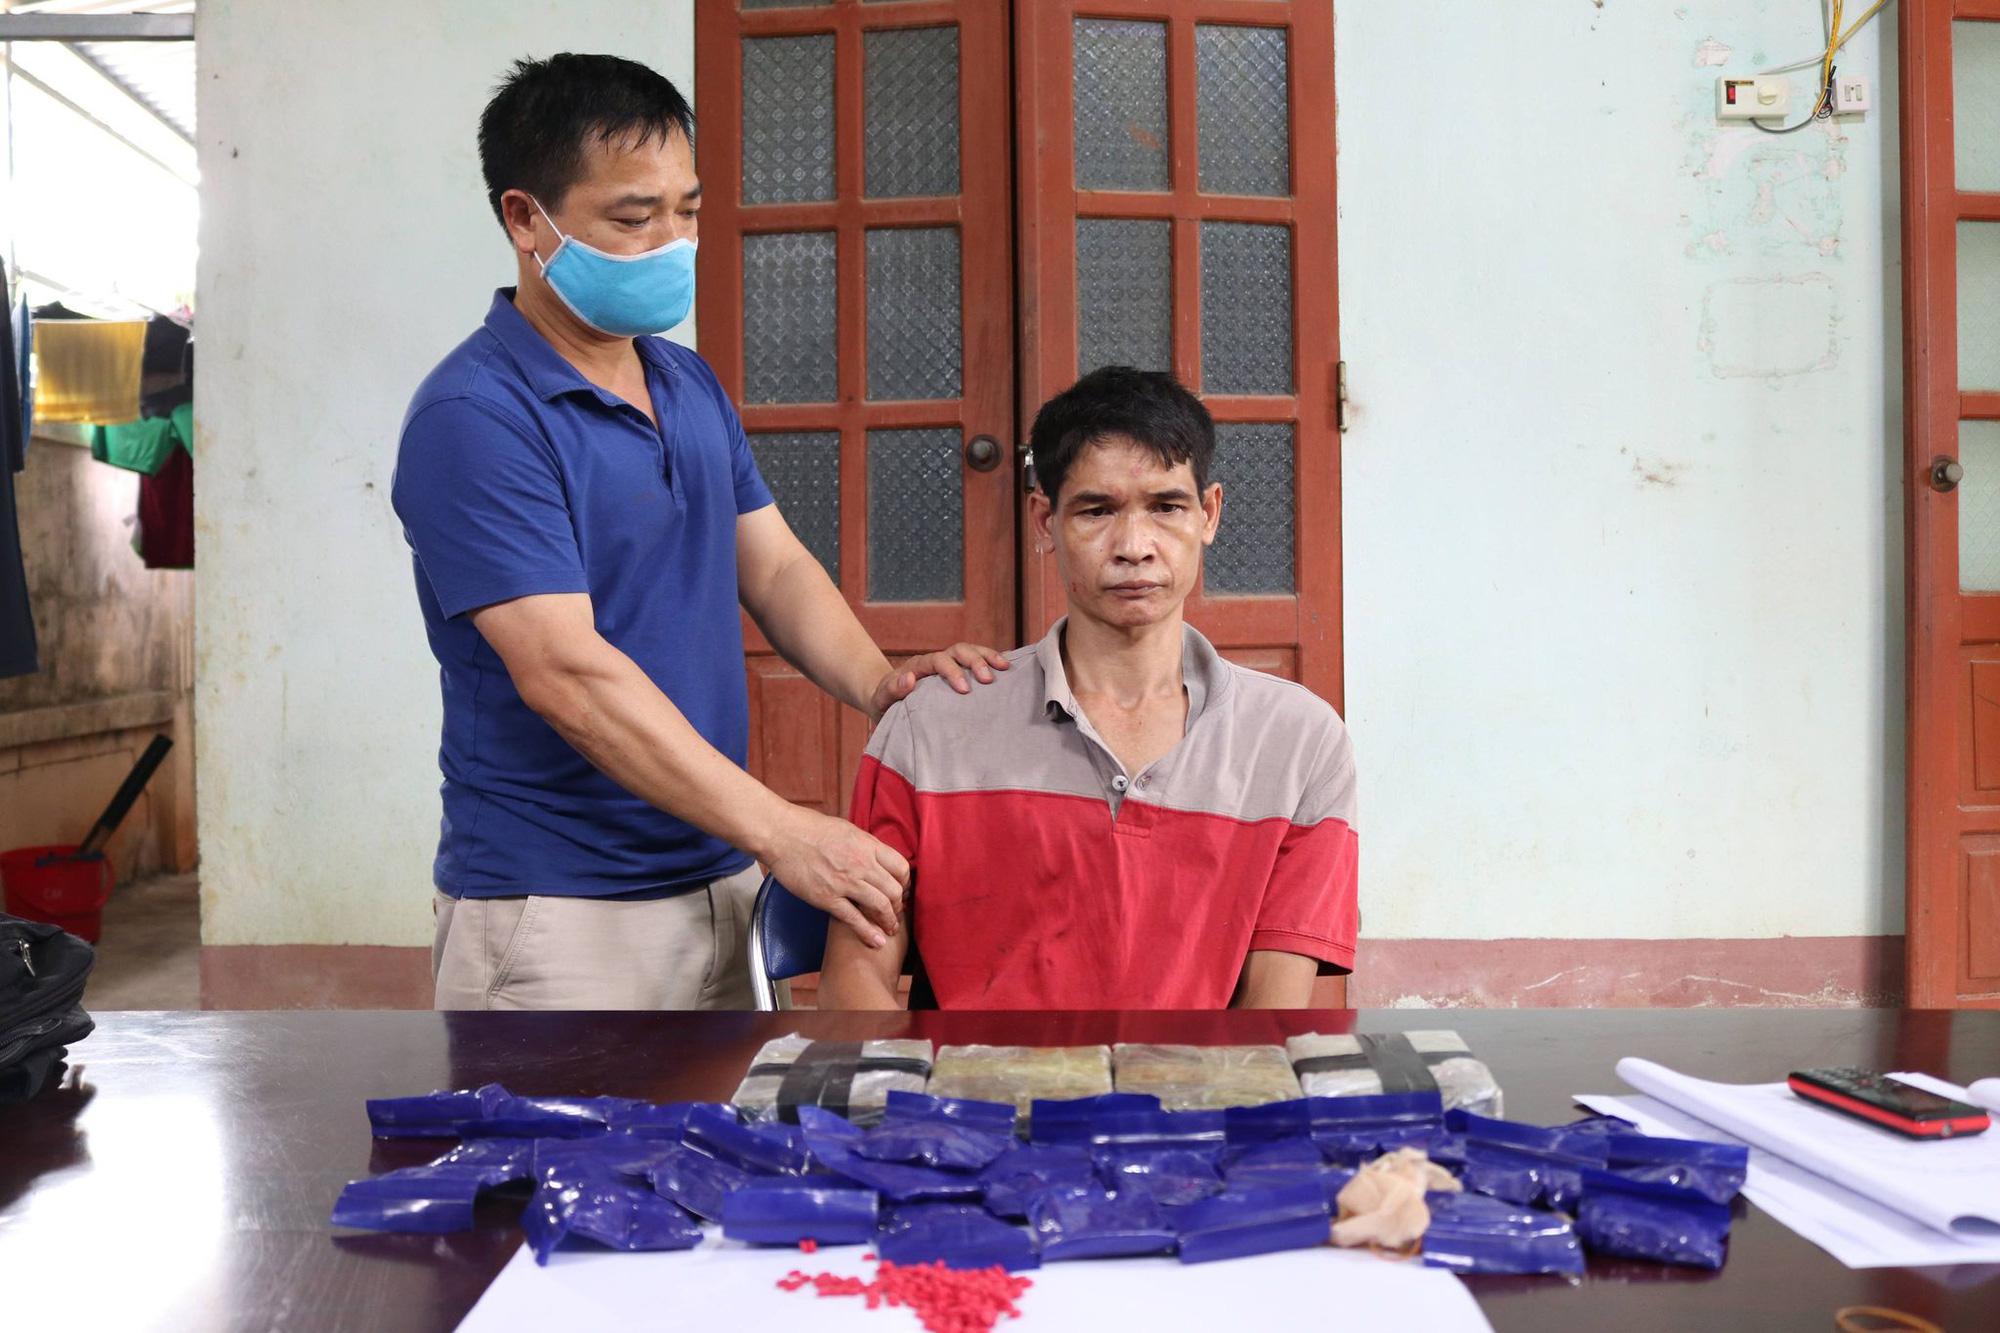 2 1627110254928710742027 Chân dung trùm ma túy nhiều tiền án tiền sự vừa bị vây bắt với số lượng ma túy khủng